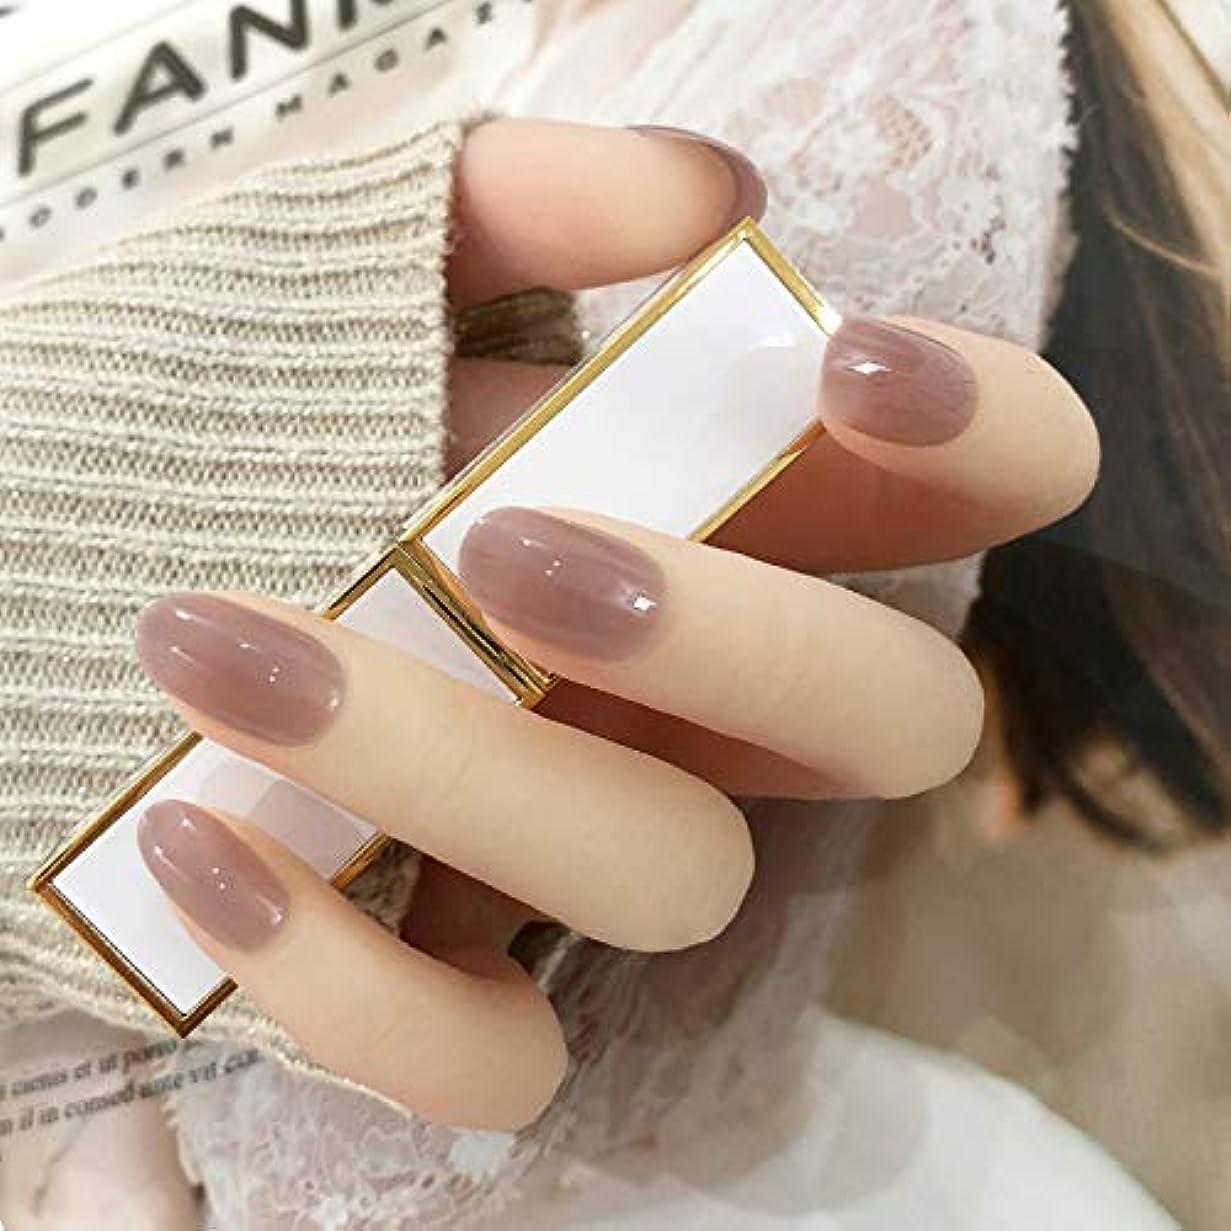 クリップ蝶契約したキリン24枚純色付け爪 ネイル貼るだけネイルチップ お花嫁付け爪 (グレーピンク)